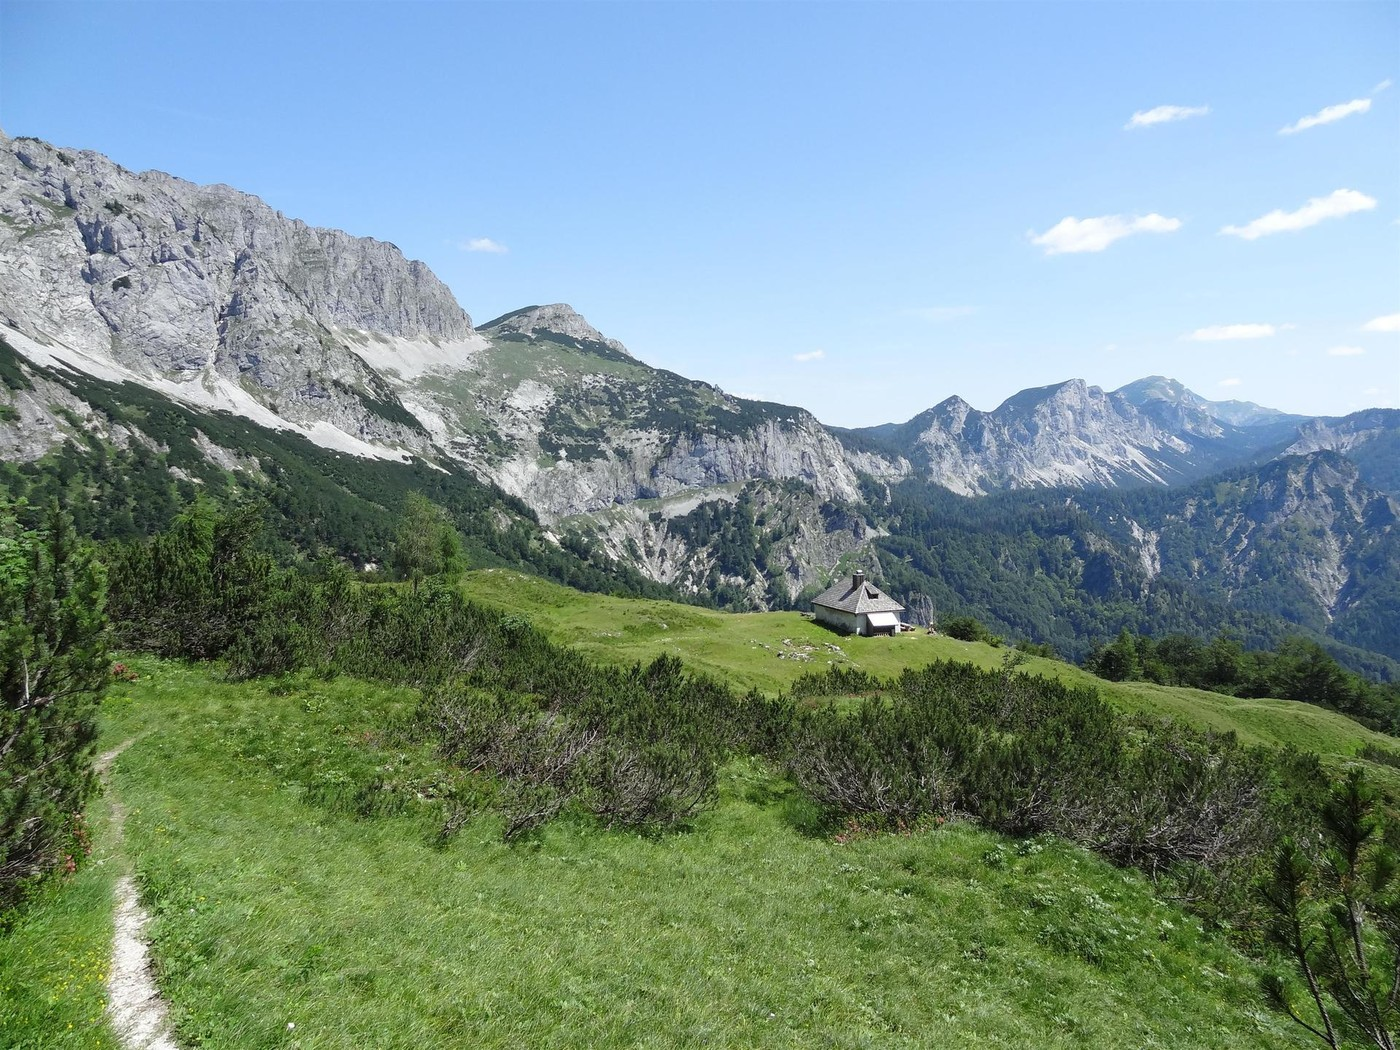 Klettersteig Eisenerz : Klettersteige kaiser franz josef klettersteig km bergwelten